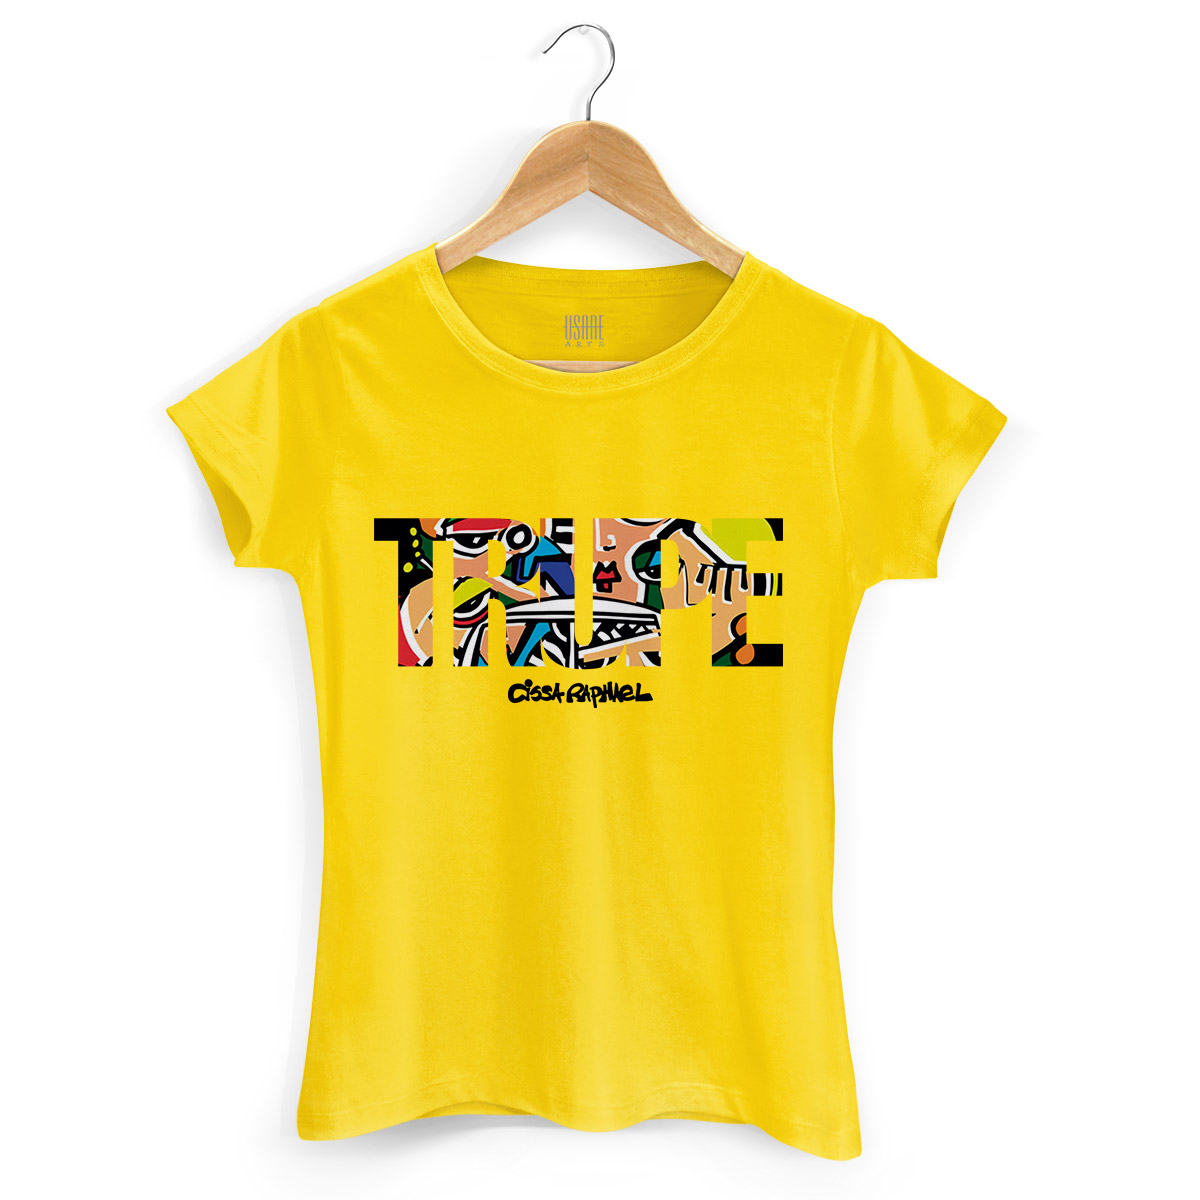 Camiseta Feminina Cissa Raphael Trupe Type